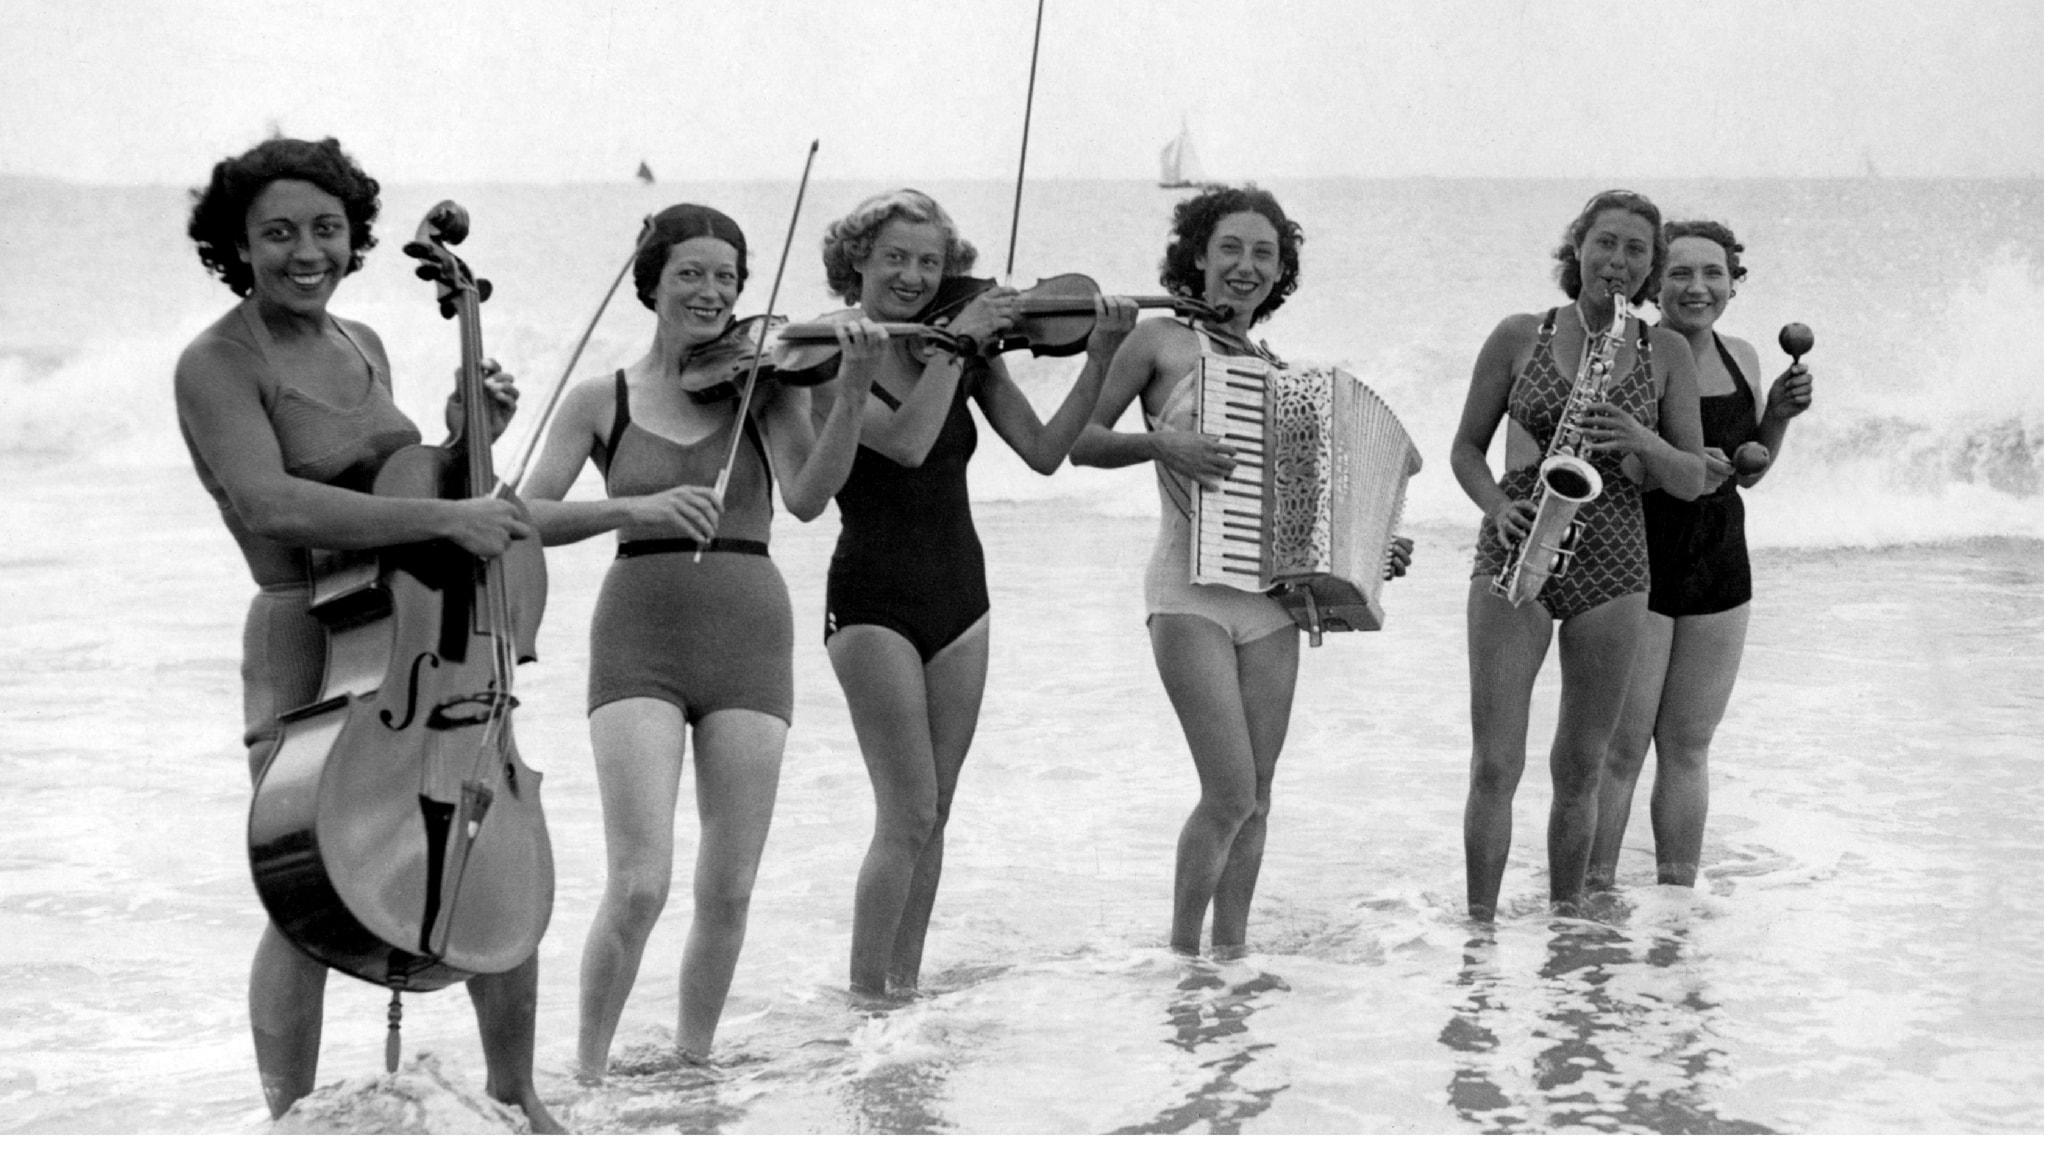 Damorkester vid La Baule-stranden, Frankrike 1938 - Foto SVTBild.jpg